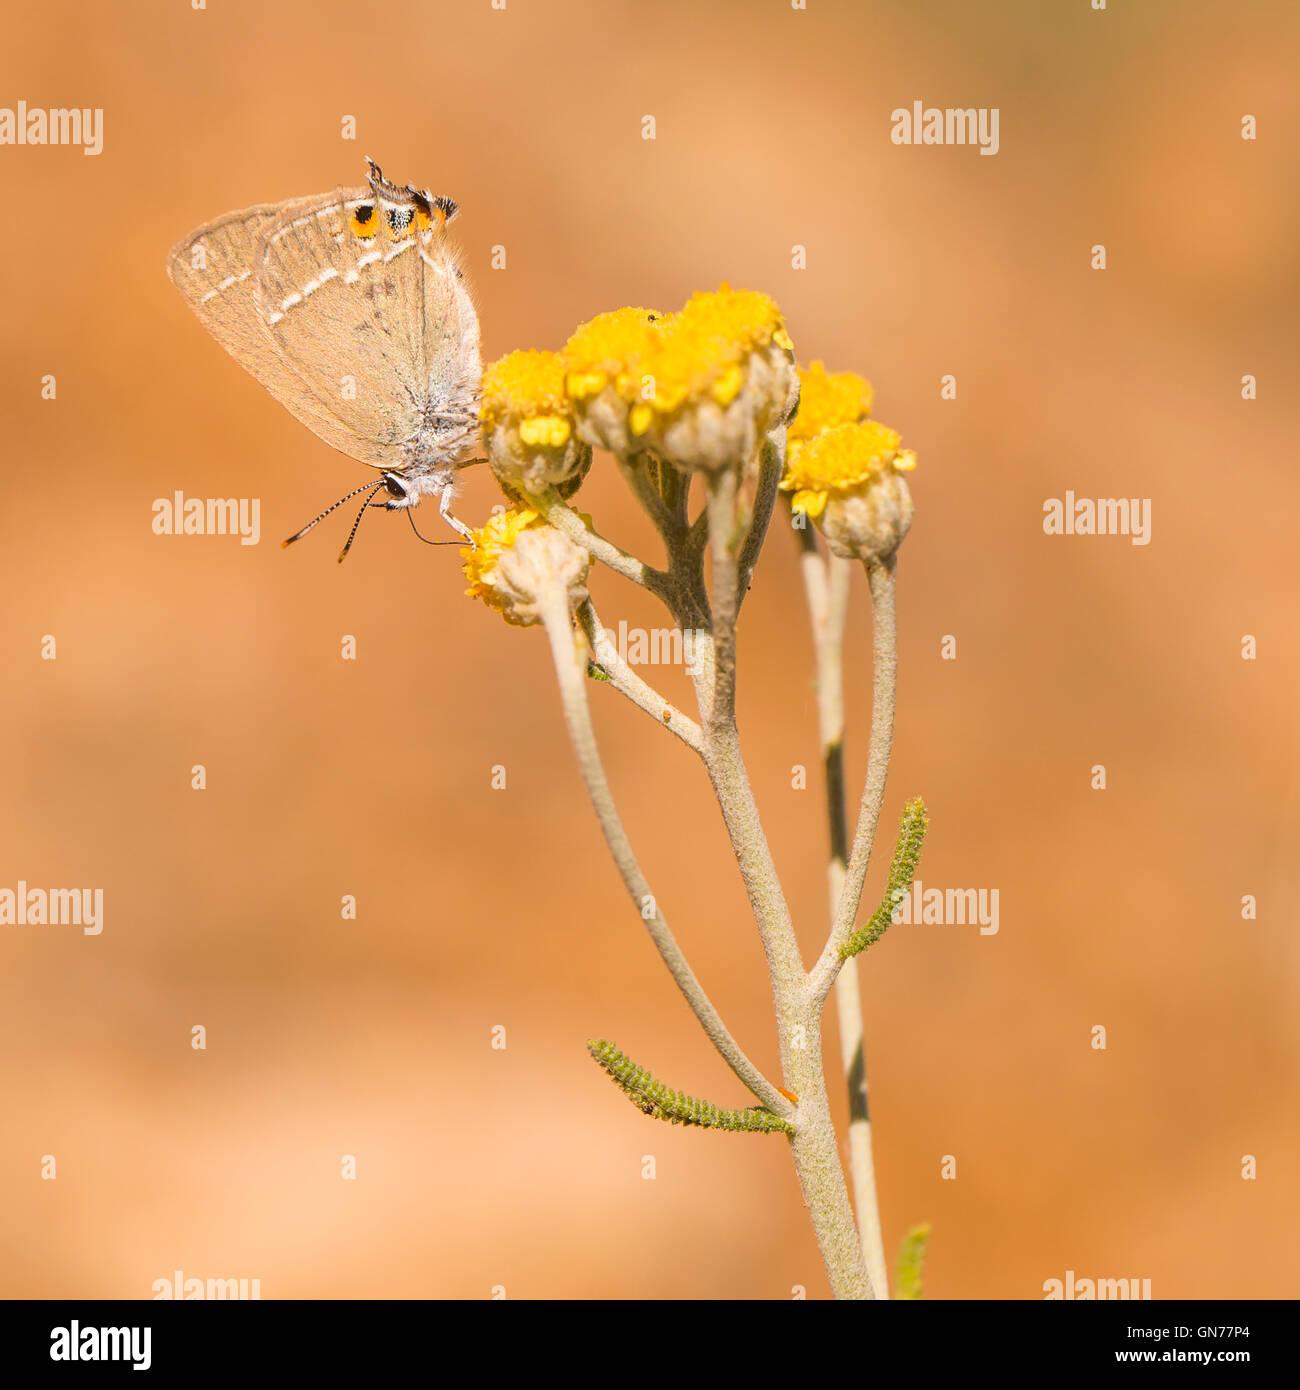 Gerhard Schwarz-Zipfelfalter (Satyrium Abdominalis) ist ein Schmetterling in der Familie Lycaenidae. Fotografiert Stockbild